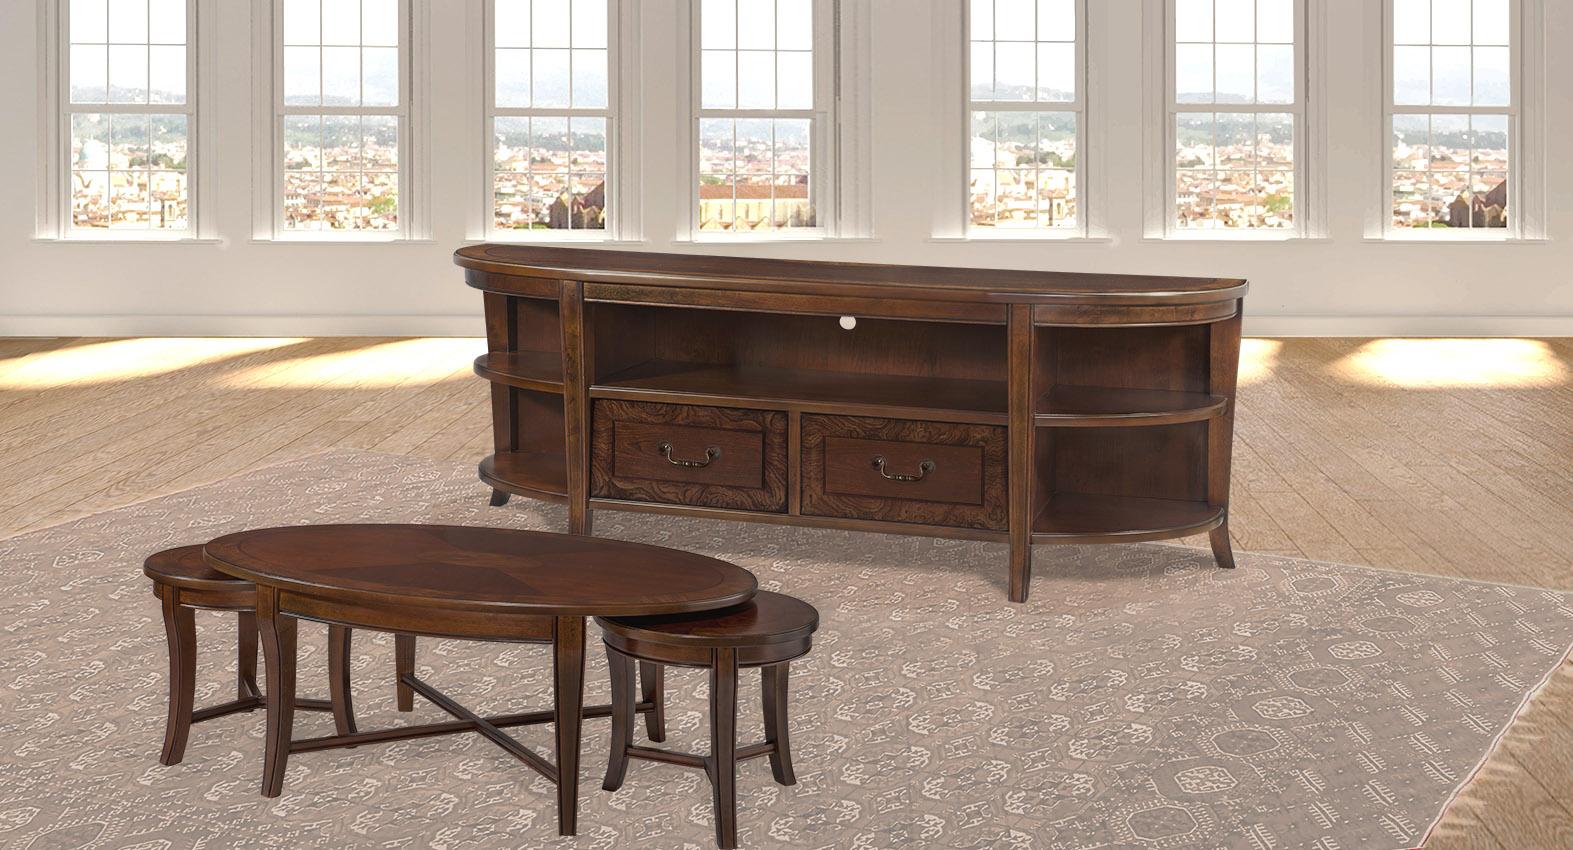 מזנון ושולחן בעיצוב אנגלי קלאסי: דאוסון סט